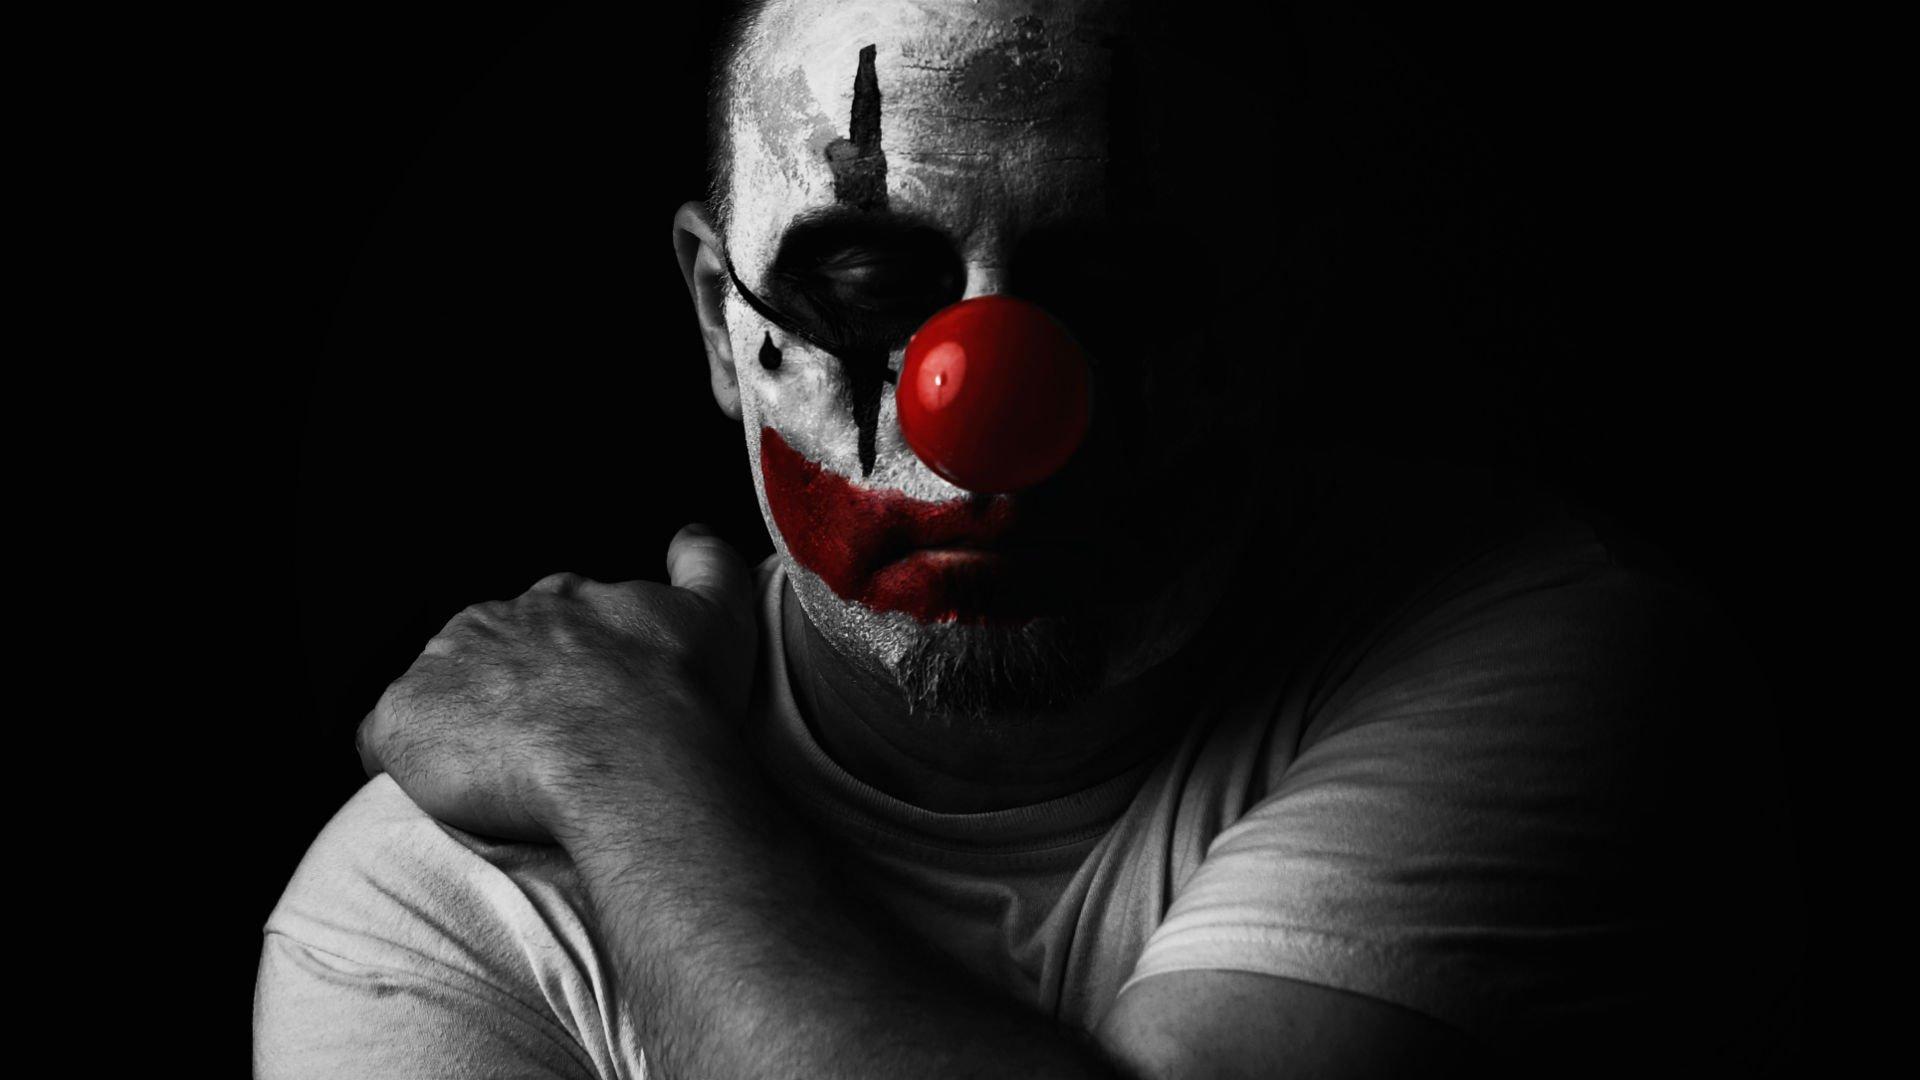 halloween clown dark wallpaper 1920x1080 498651